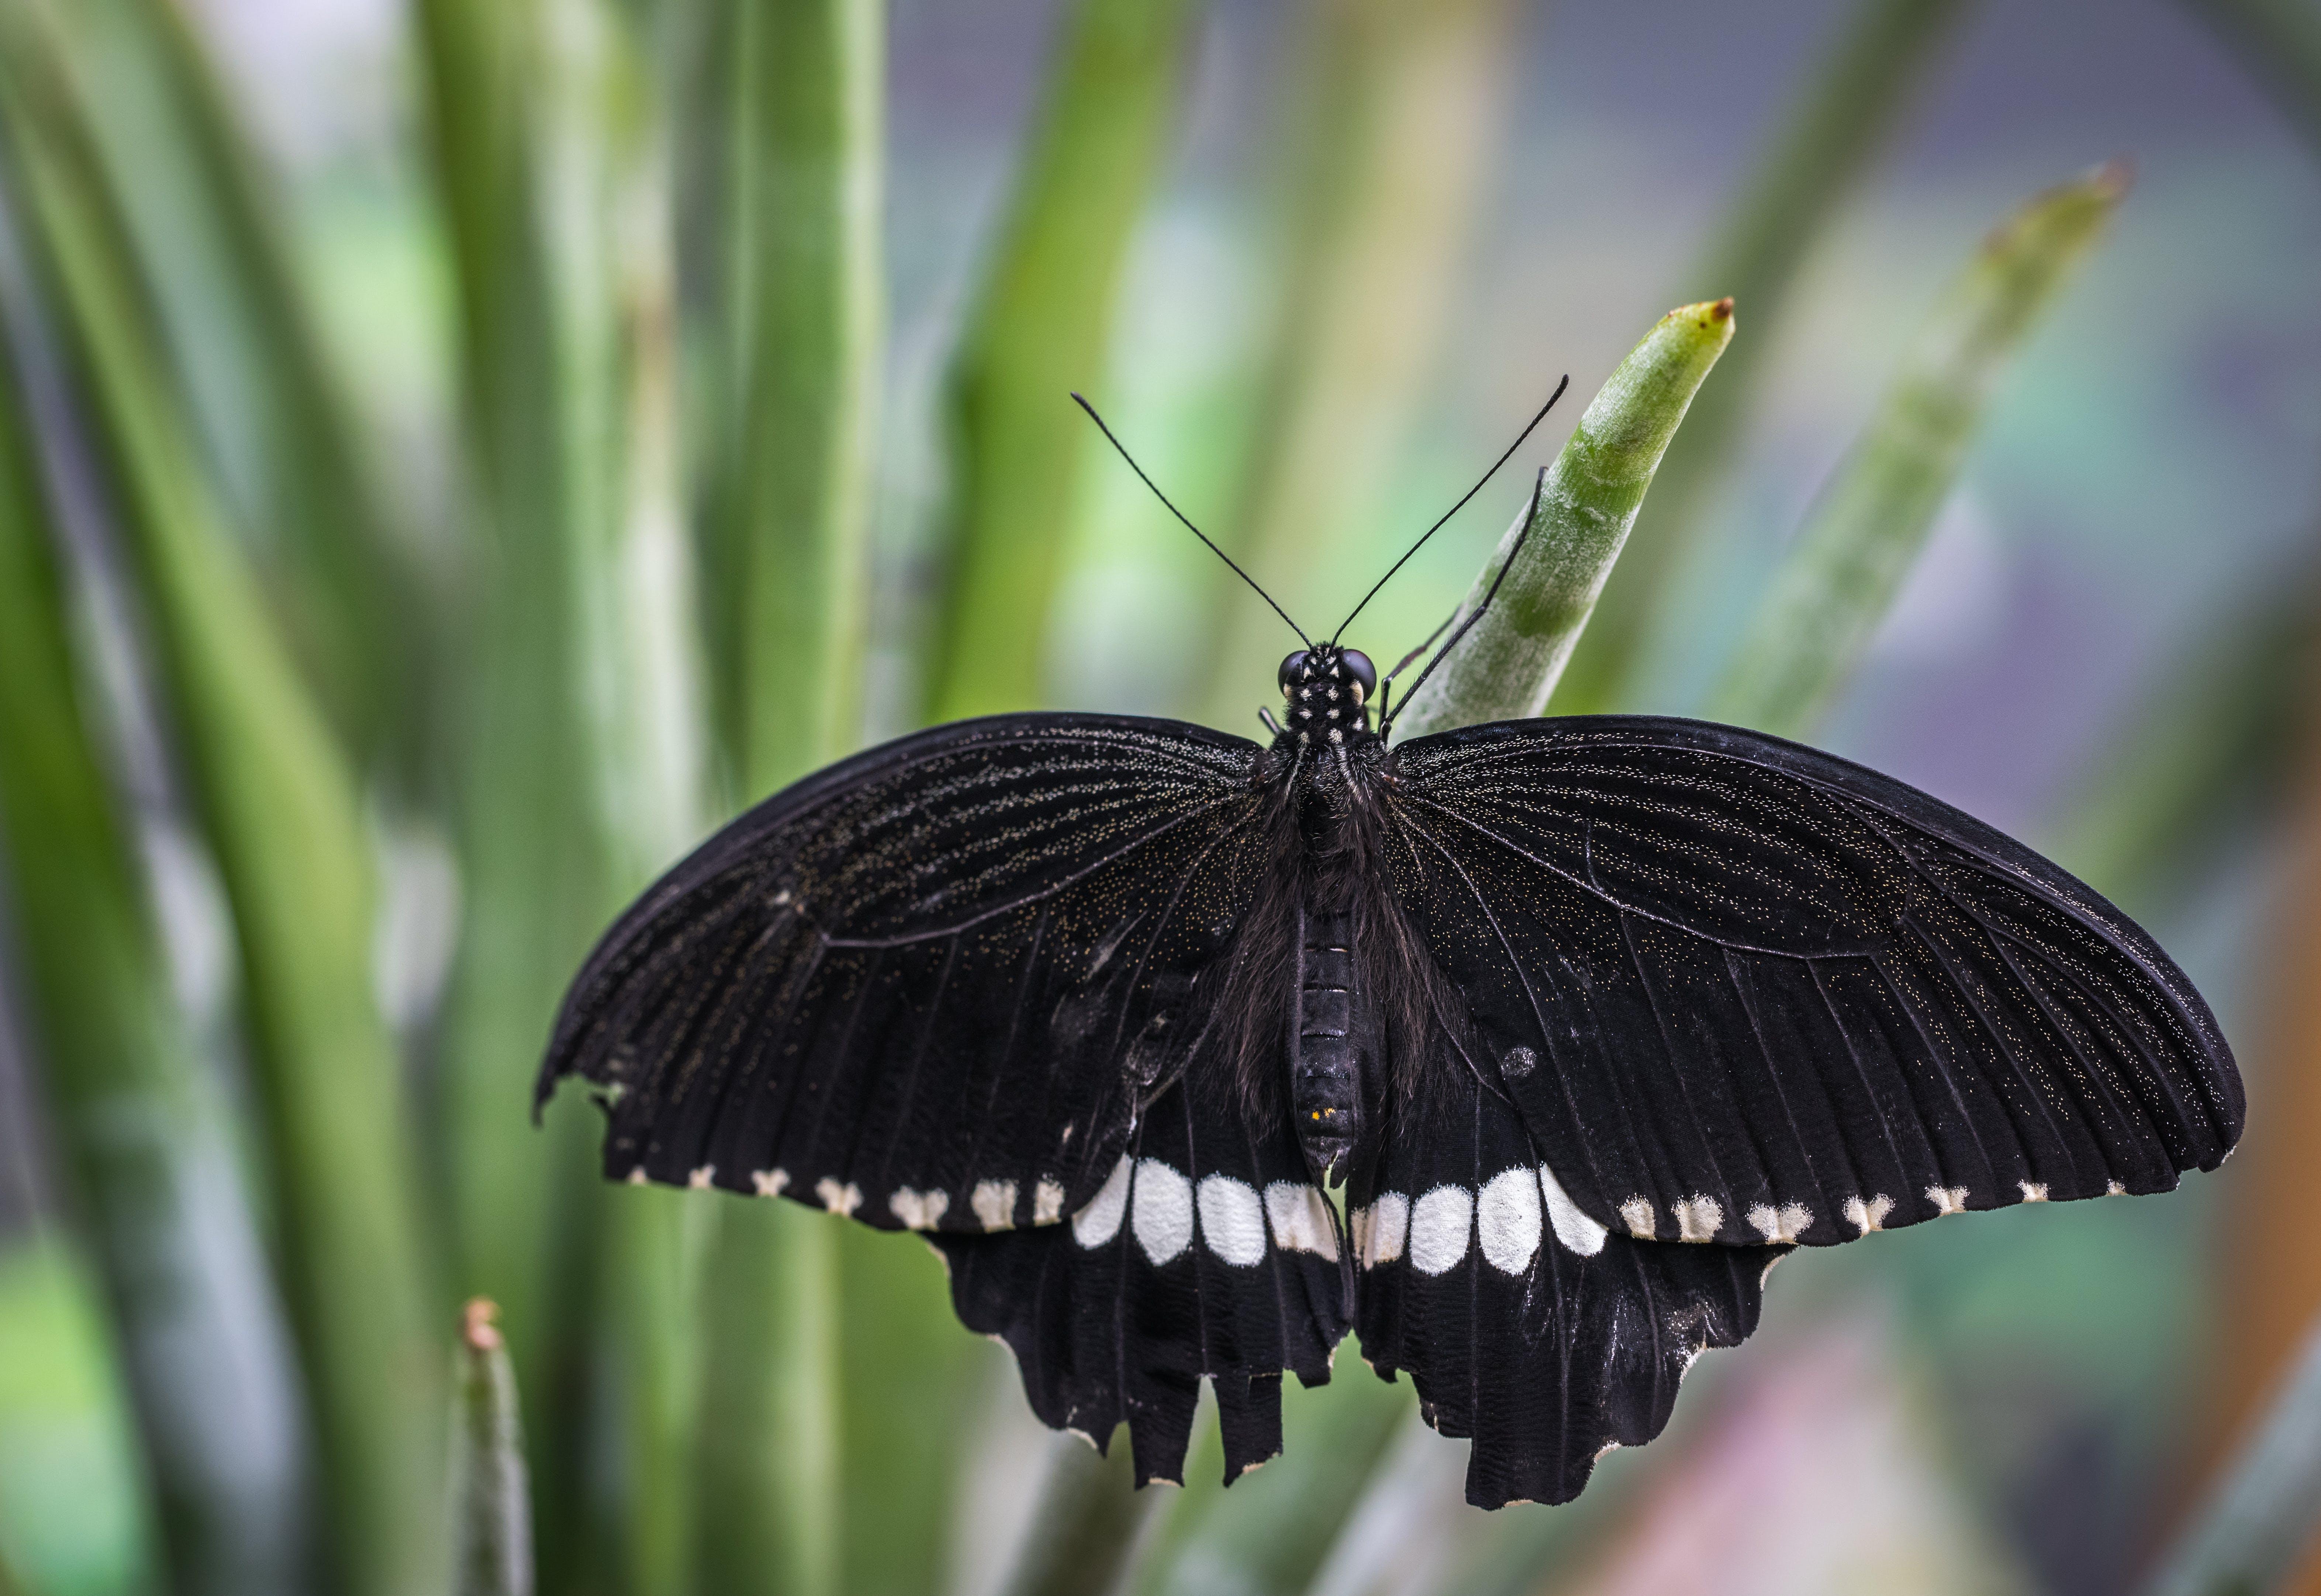 Fotos de stock gratuitas de alas, animal, biología, blanco y negro